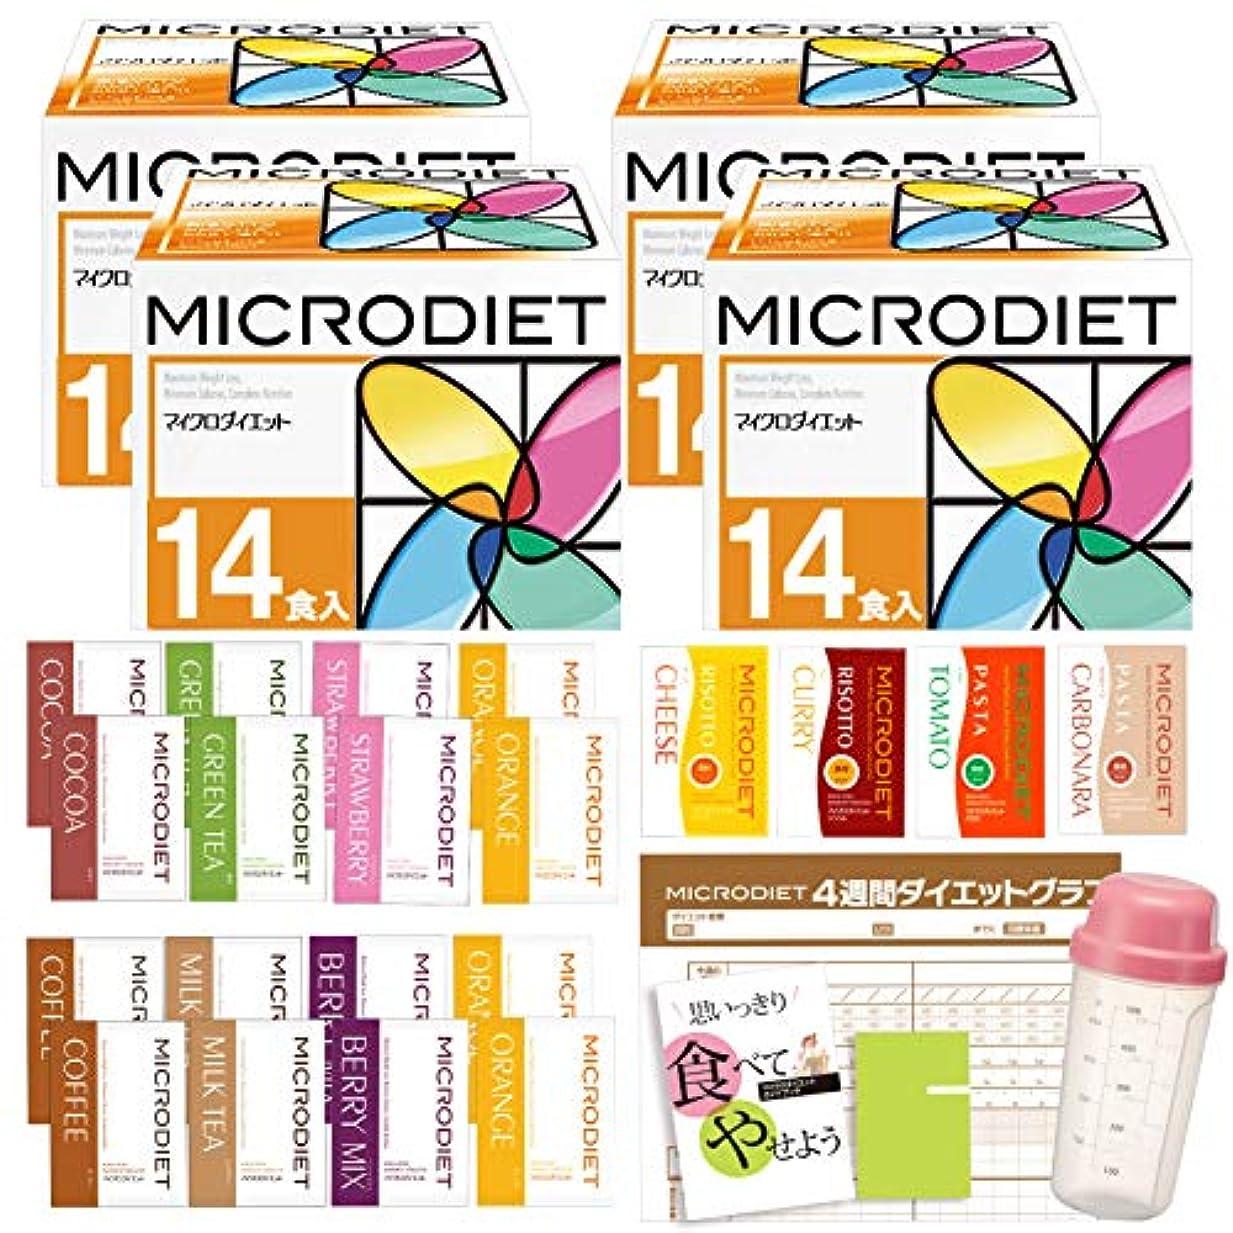 マイクロダイエット4箱セット(リゾット&パスタ4箱:D1004)